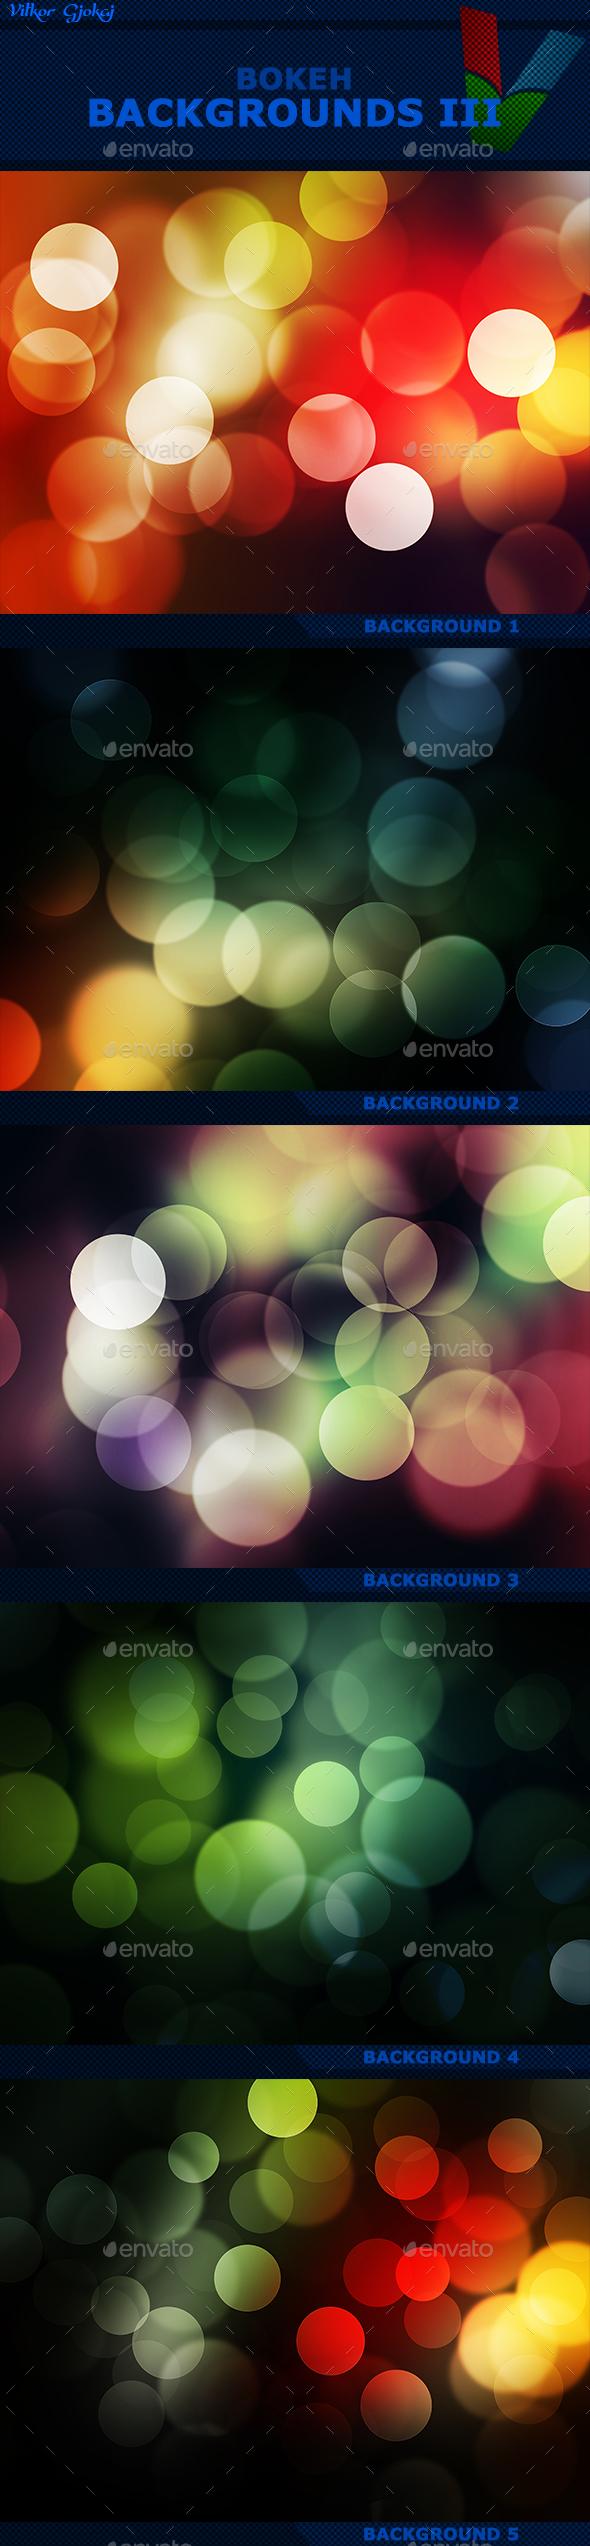 Bokeh Backgrounds III - Abstract Backgrounds